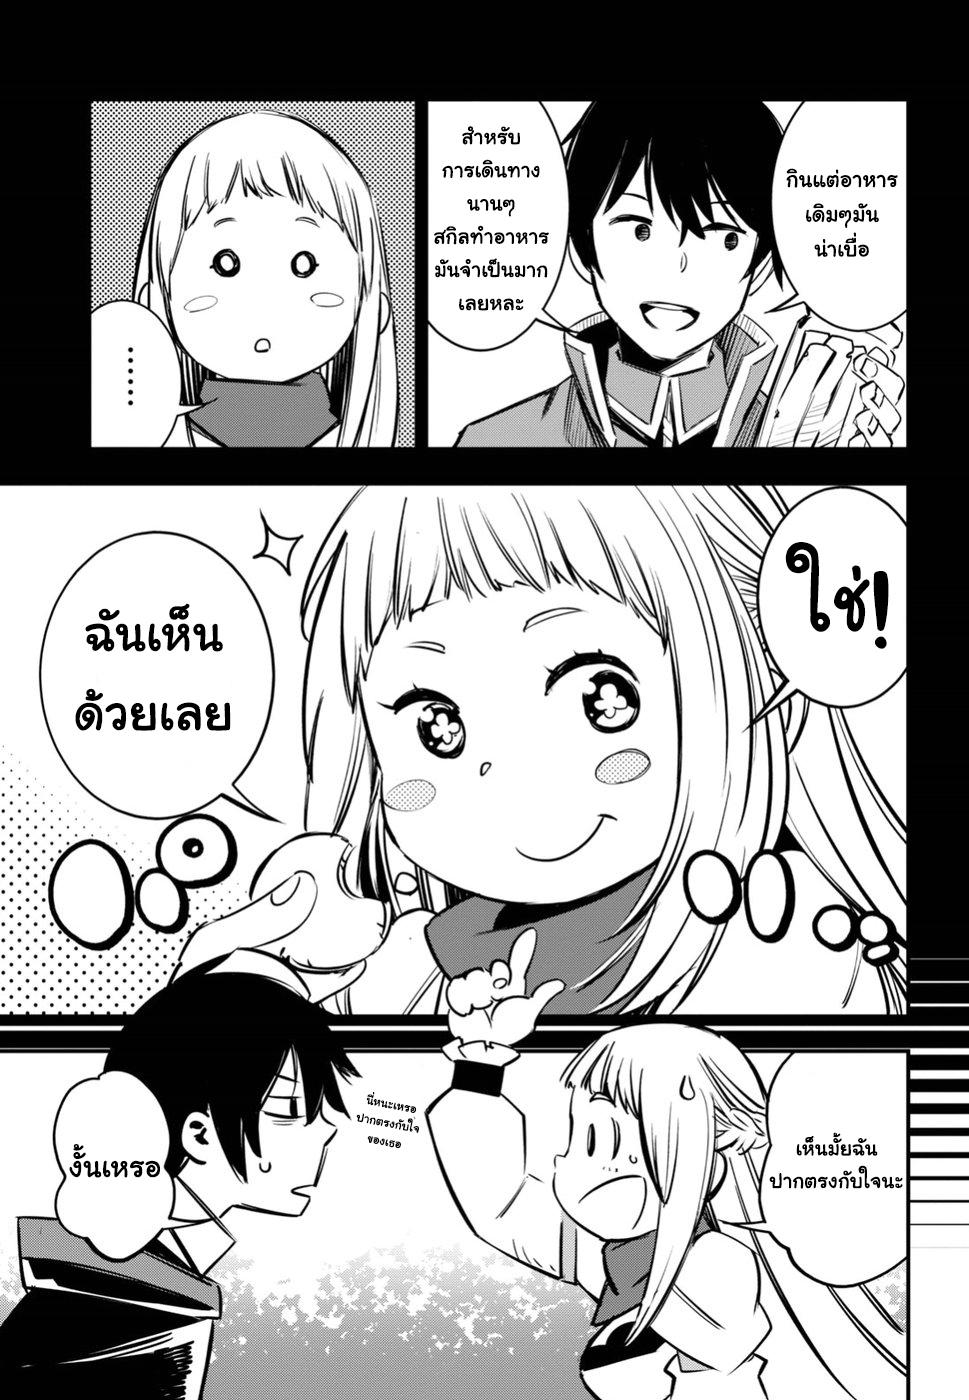 อ่านการ์ตูน Shin no Nakama Janai to Yuusha no Party wo Oidasareta no de Henkyou de Slow Life suru koto ตอนที่ 3 หน้าที่ 23